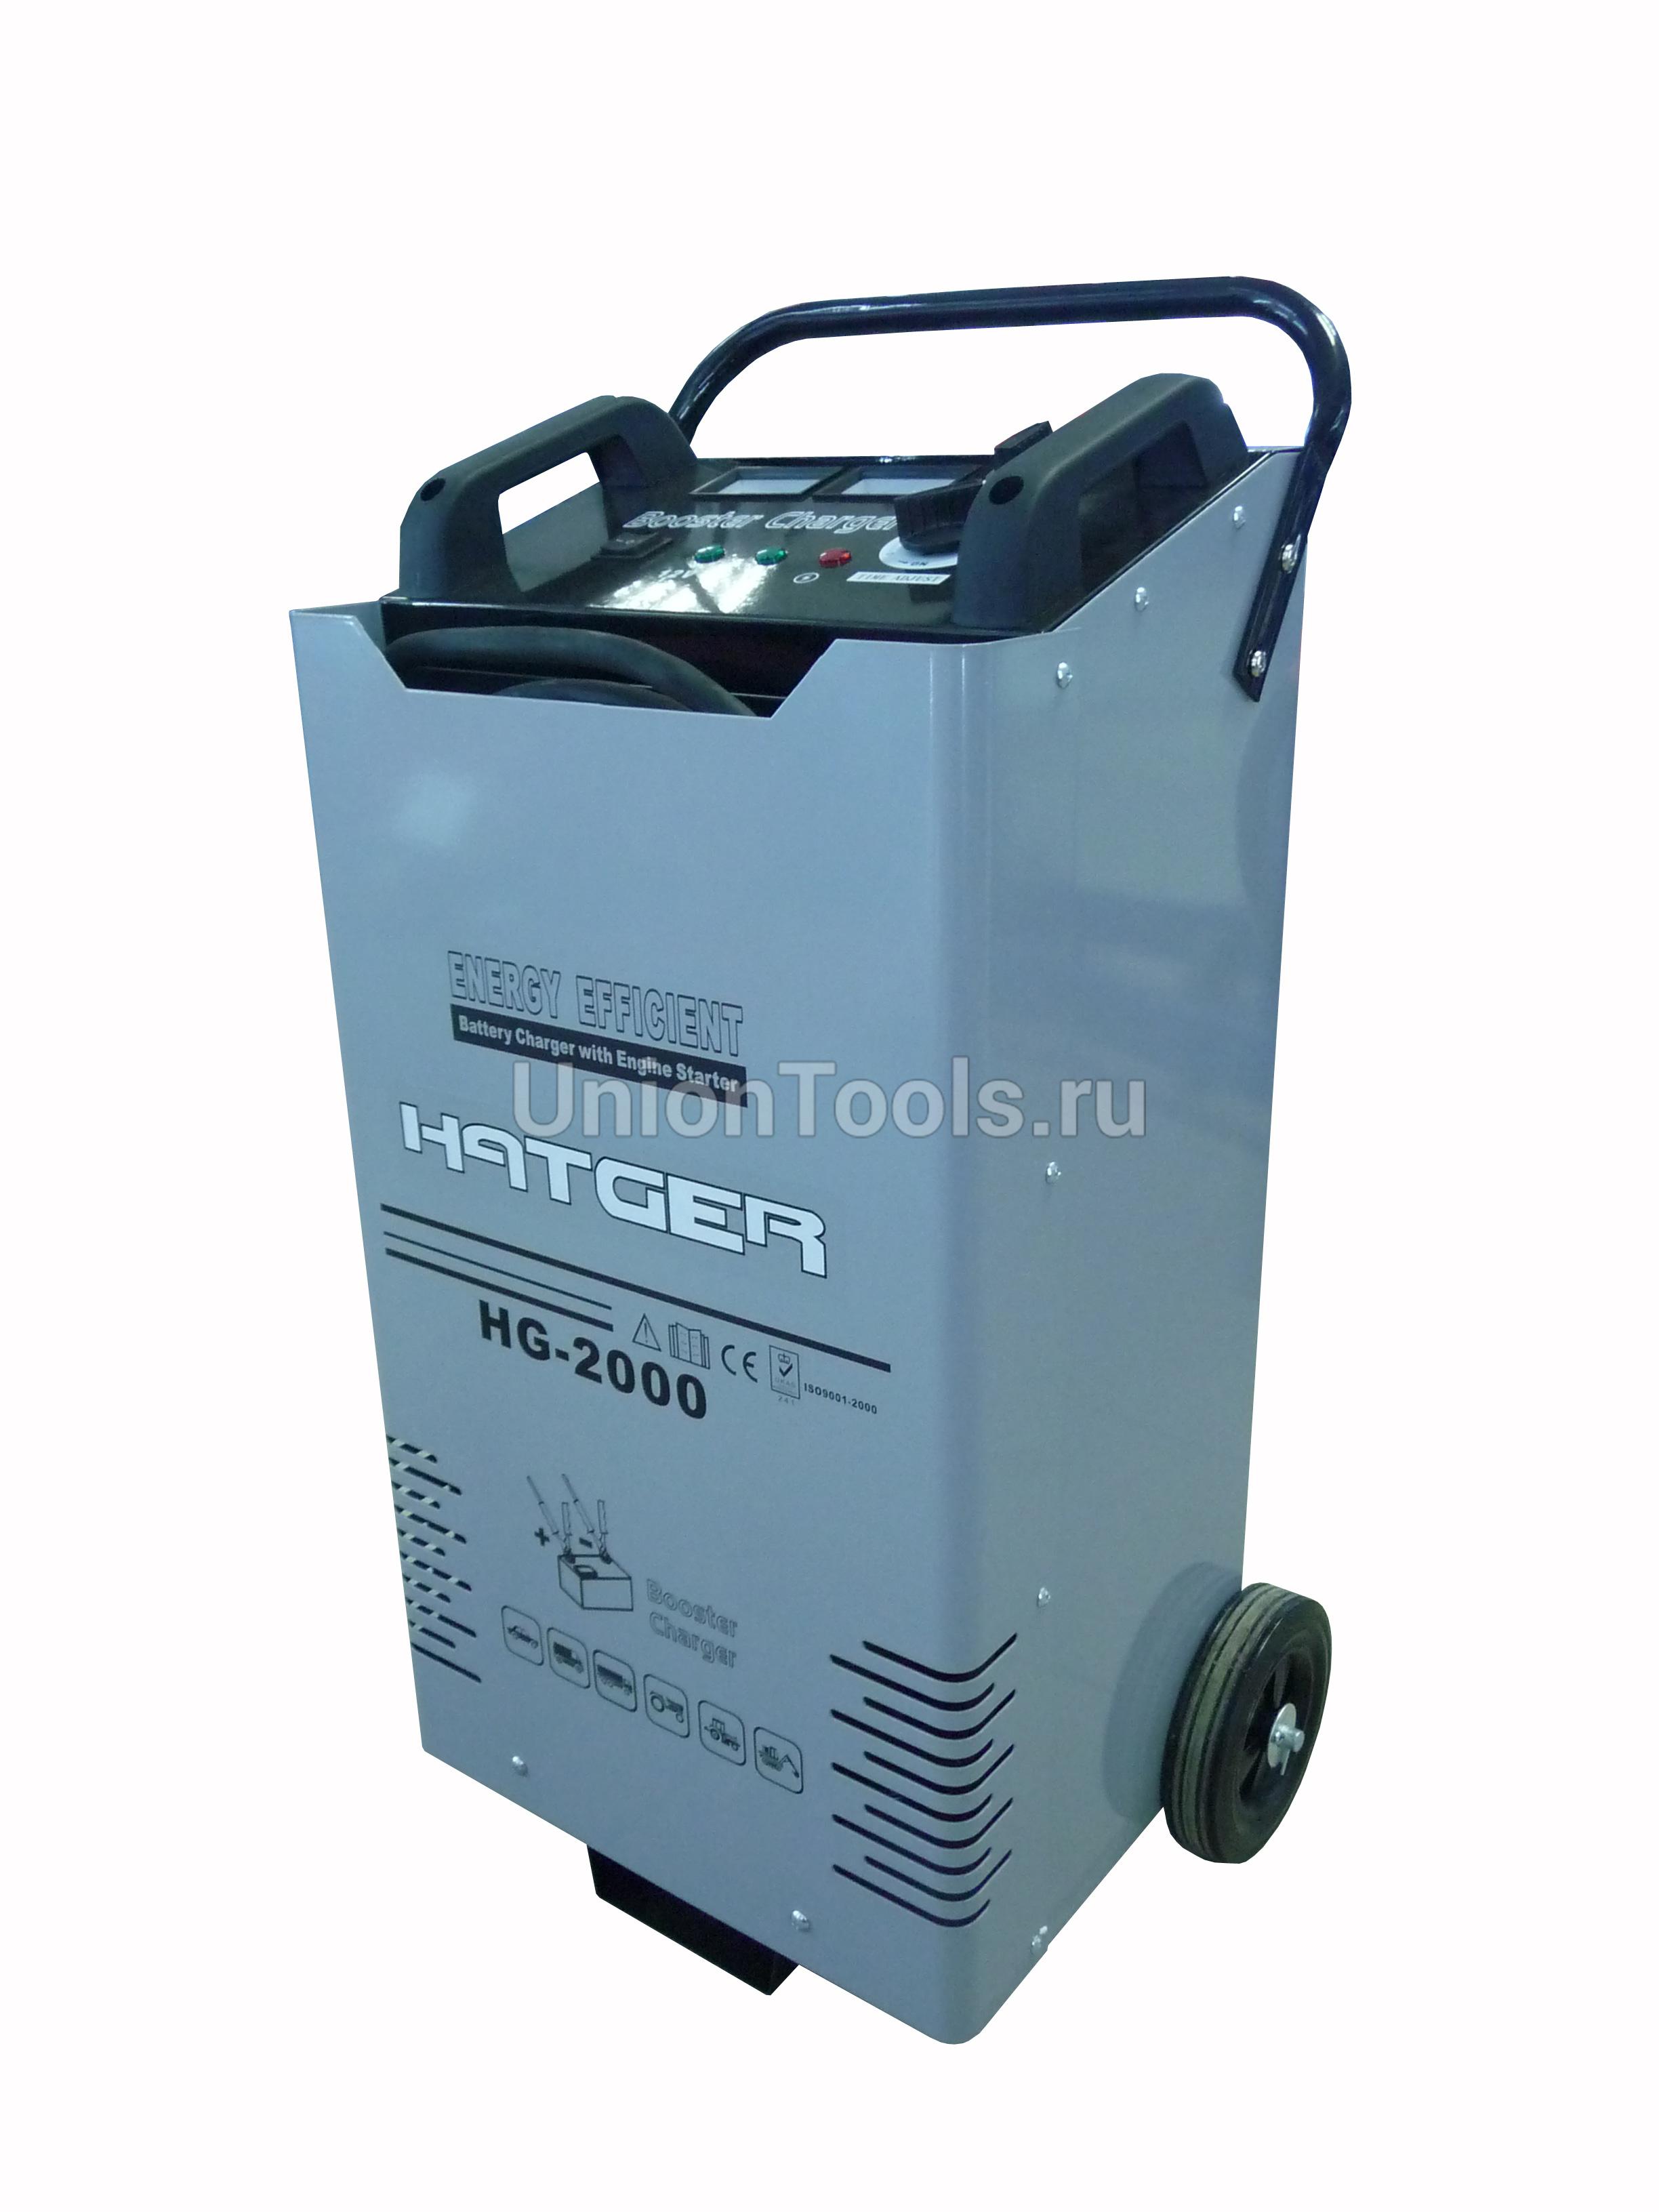 Пуско-зарядное устройство HG-2000